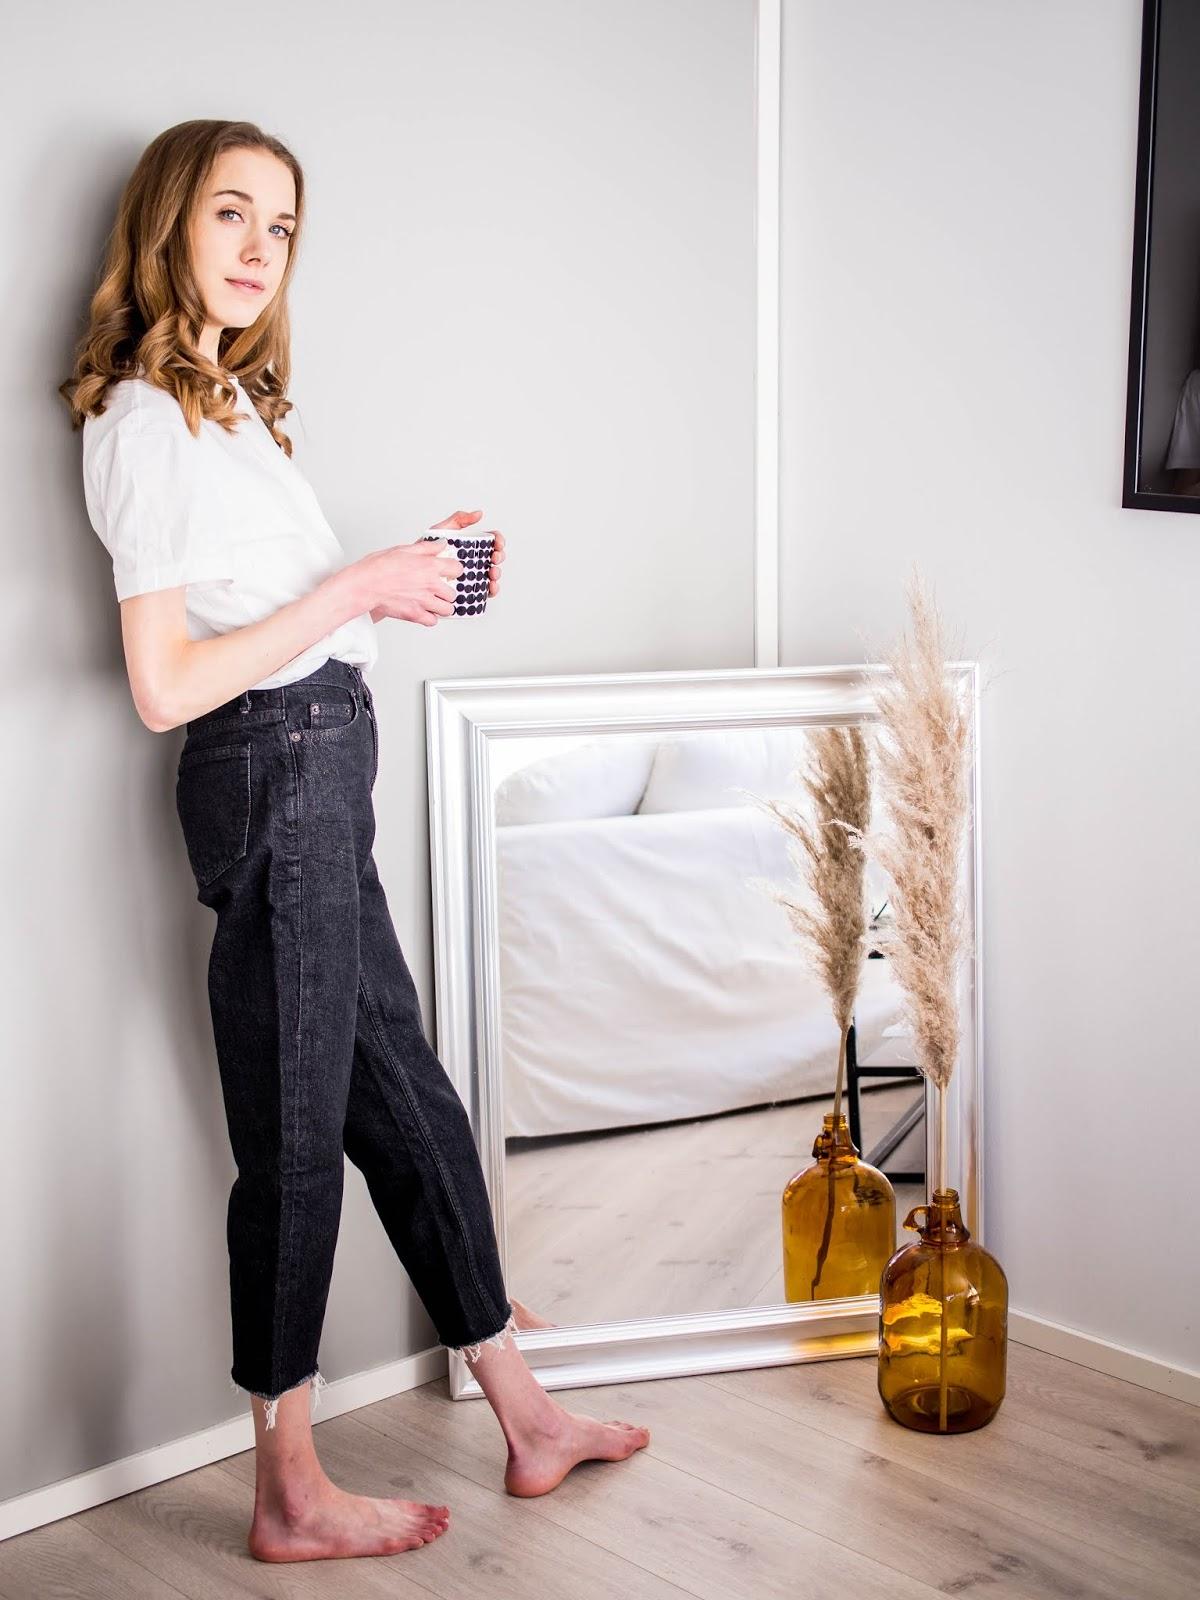 Topshop dark wash straight leg raw hem jeans - Topshop tummat farkut suorilla vajaamittaisilla lahkeilla